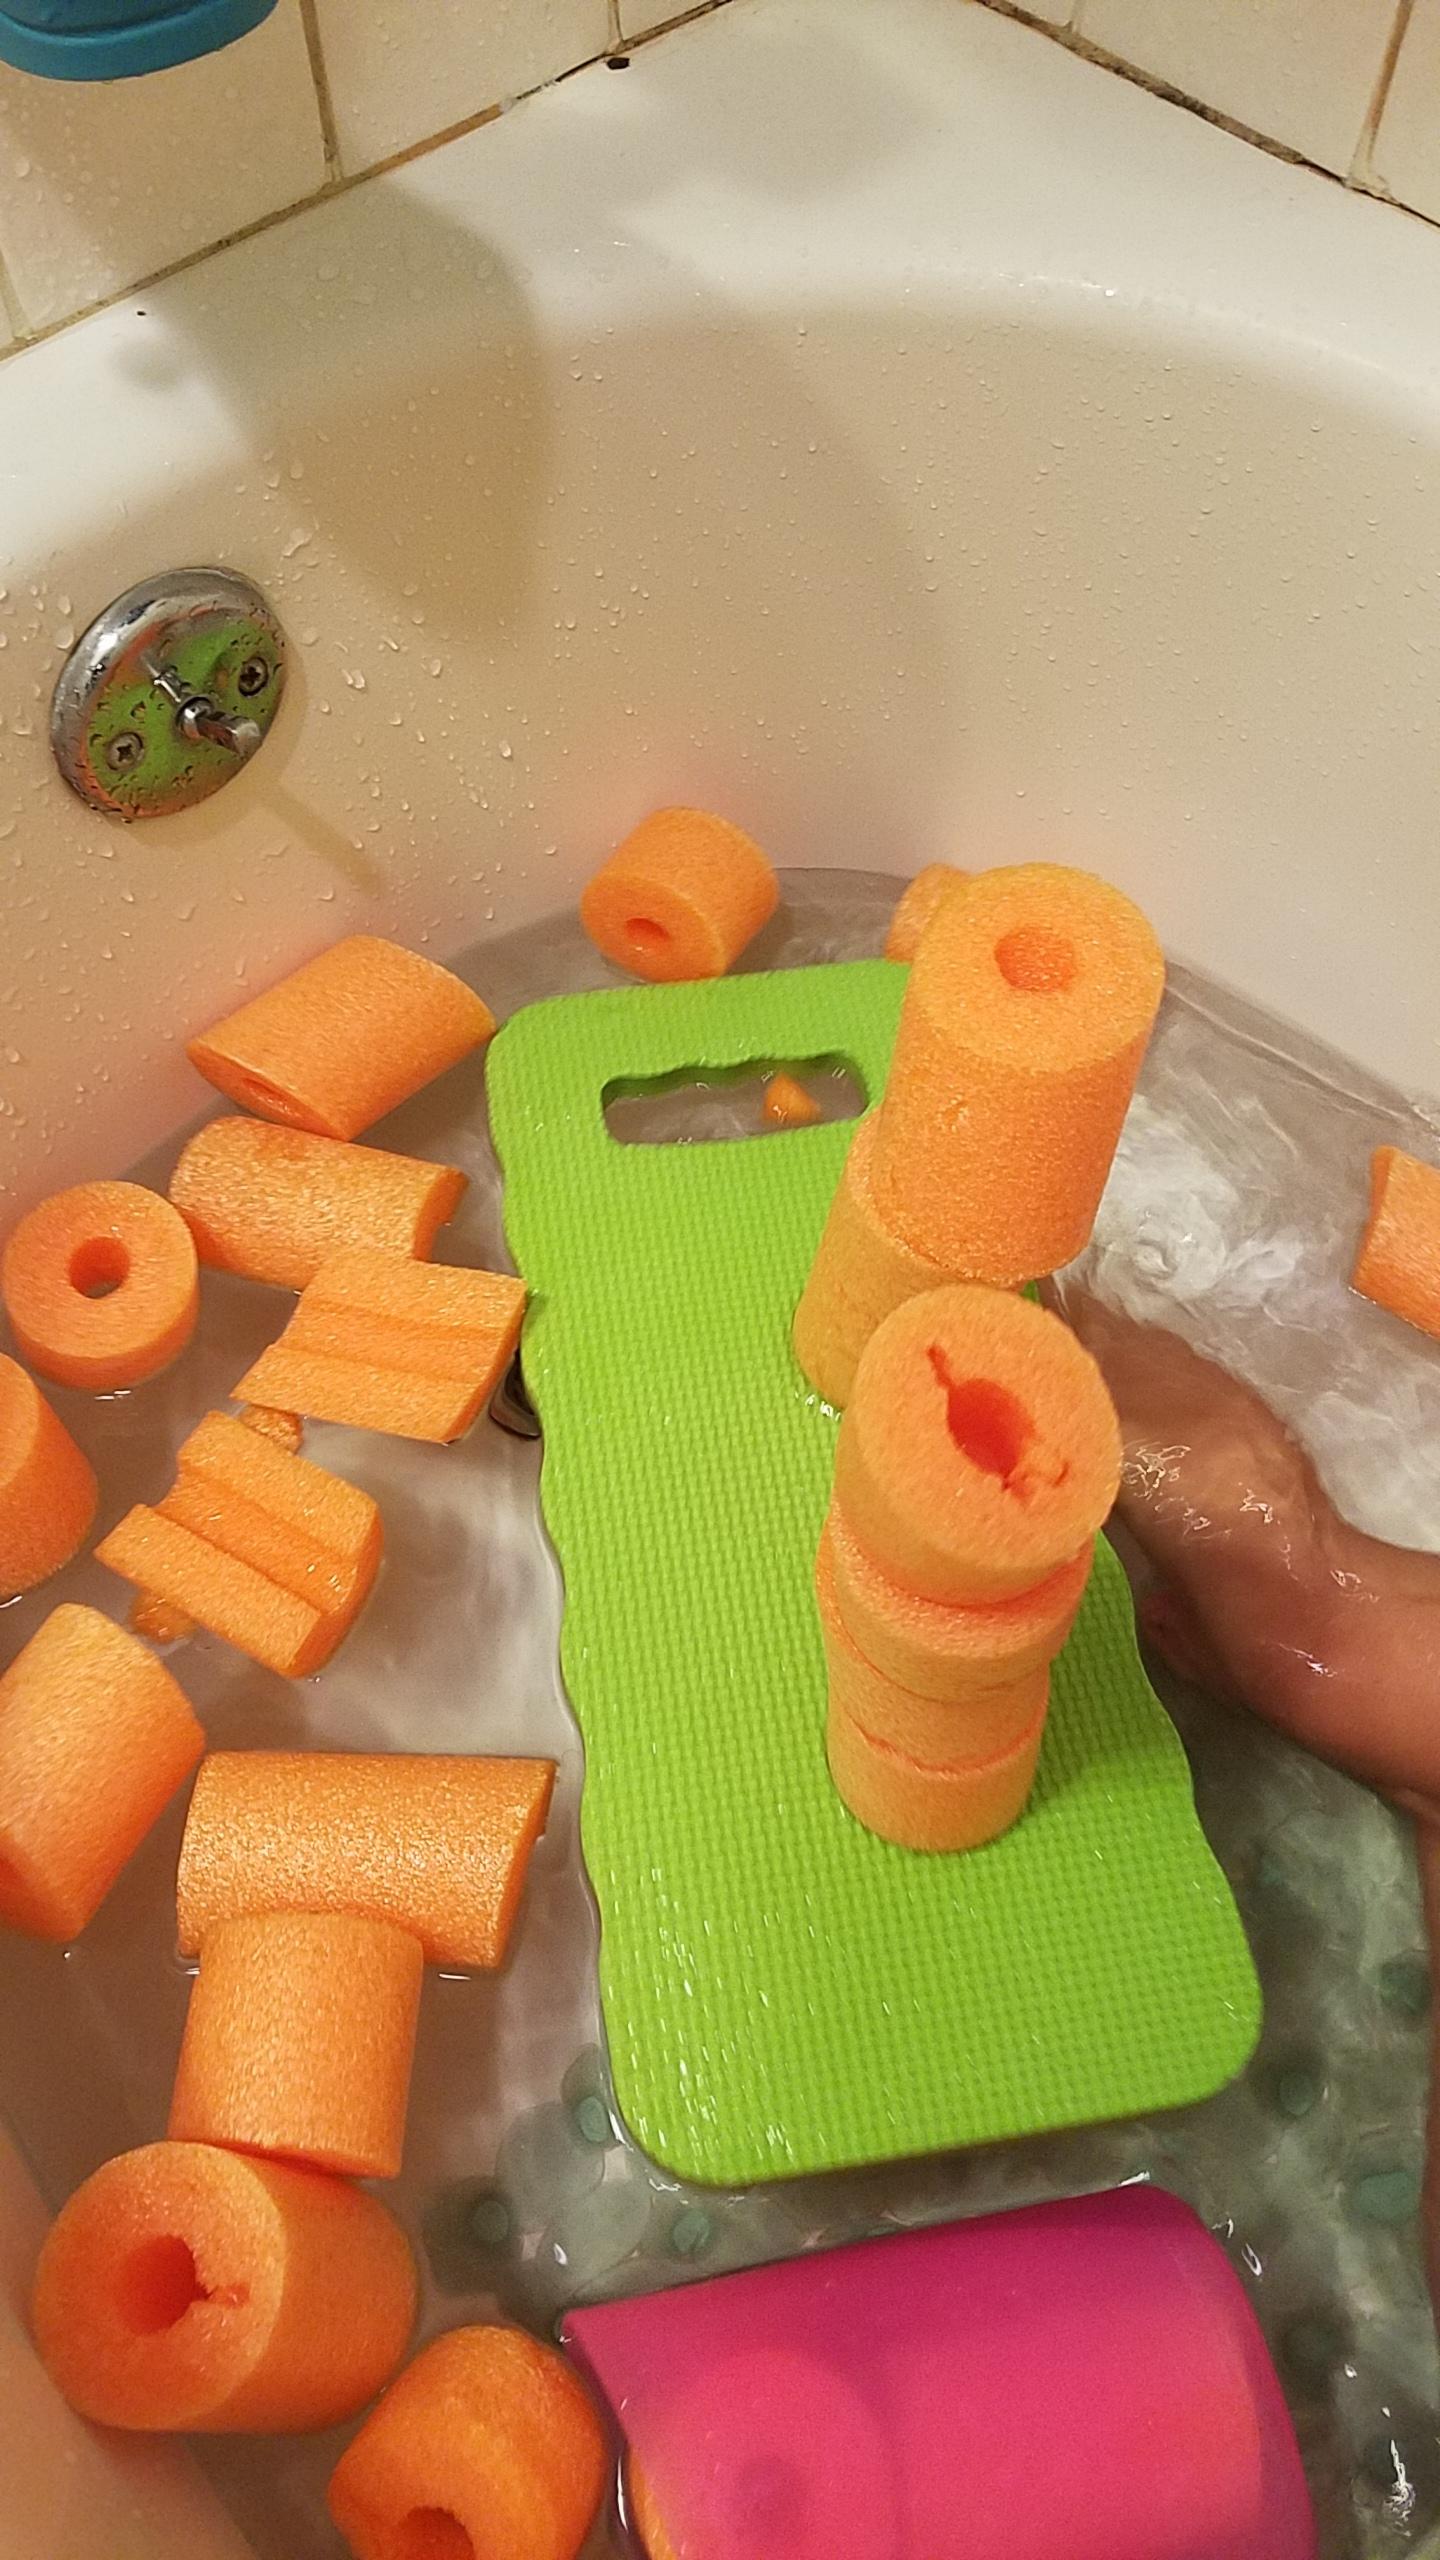 8. STEM Bath Tub Stackers